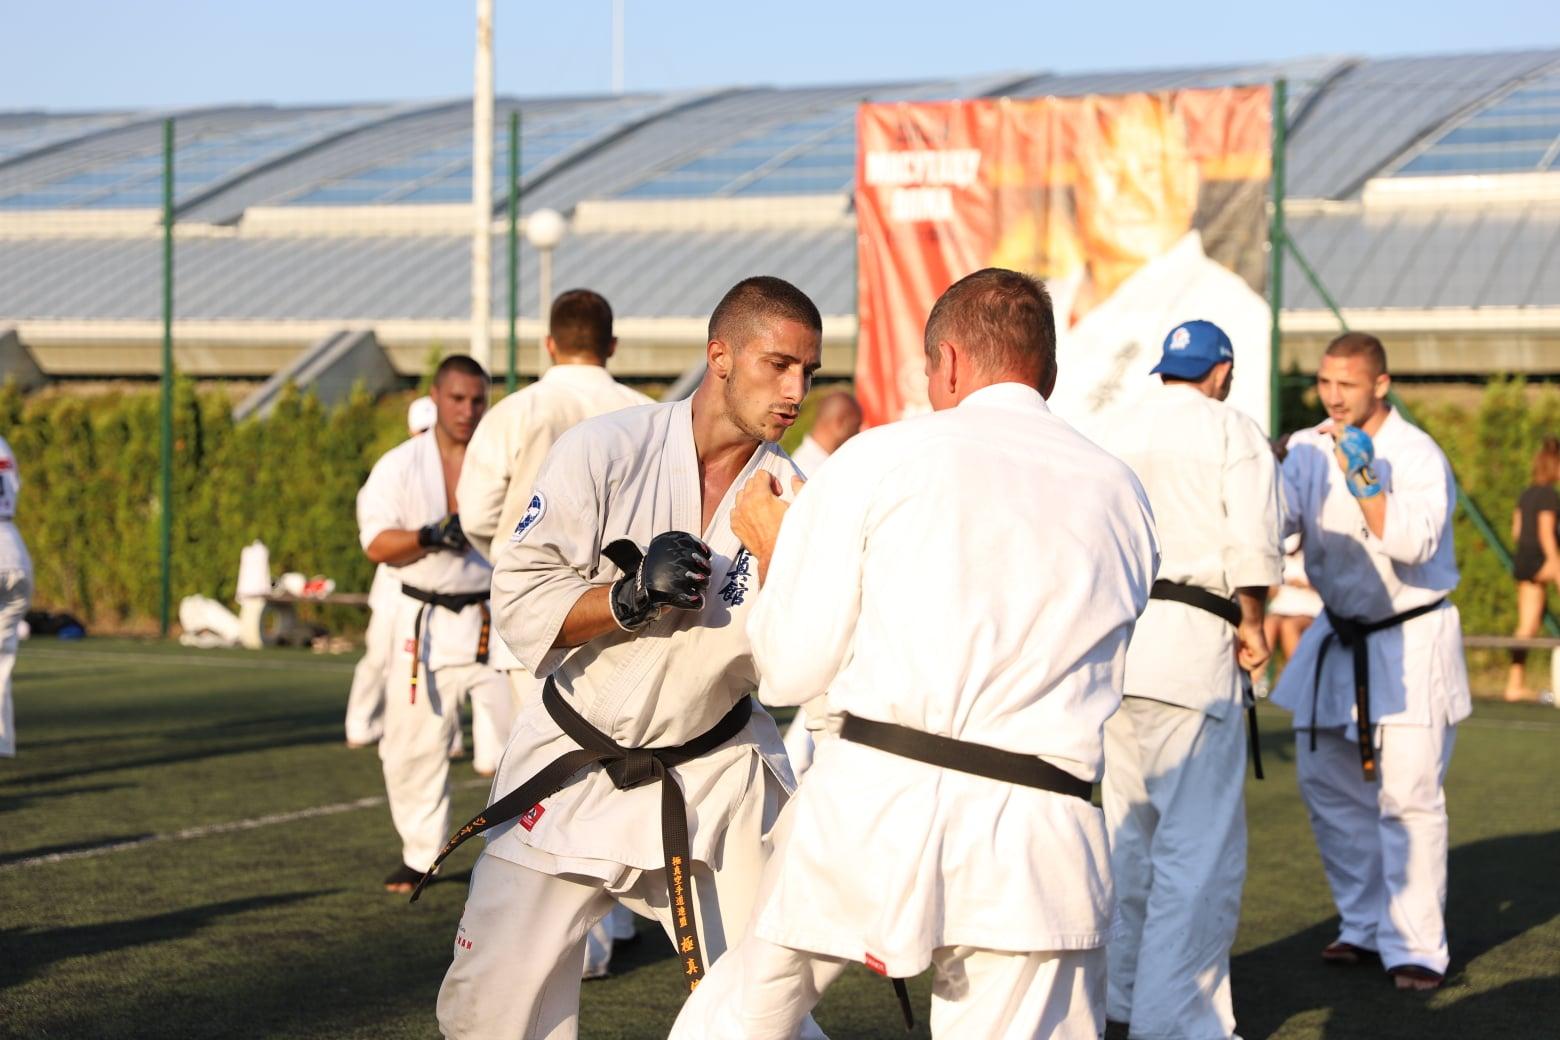 12 състезатели и треньори от Българска карате киокушин федерация повишиха степените си